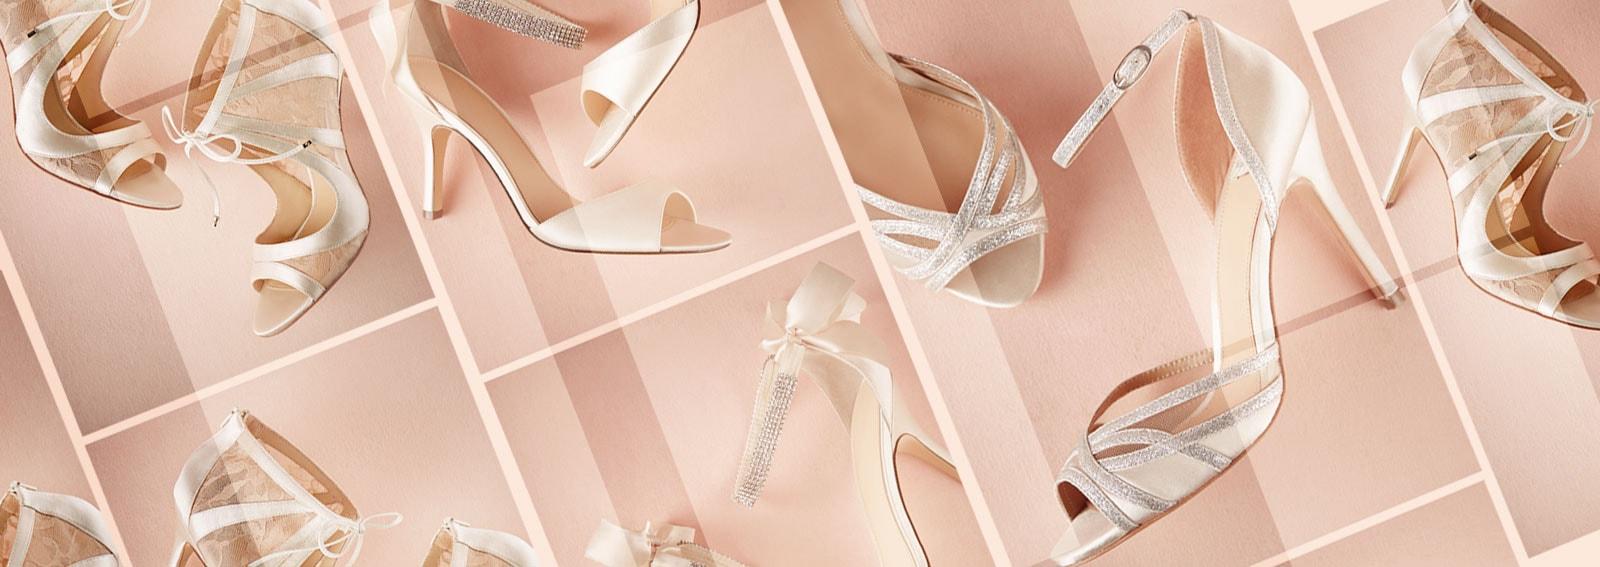 DESKTOP_1600x567_scarpe_sposa